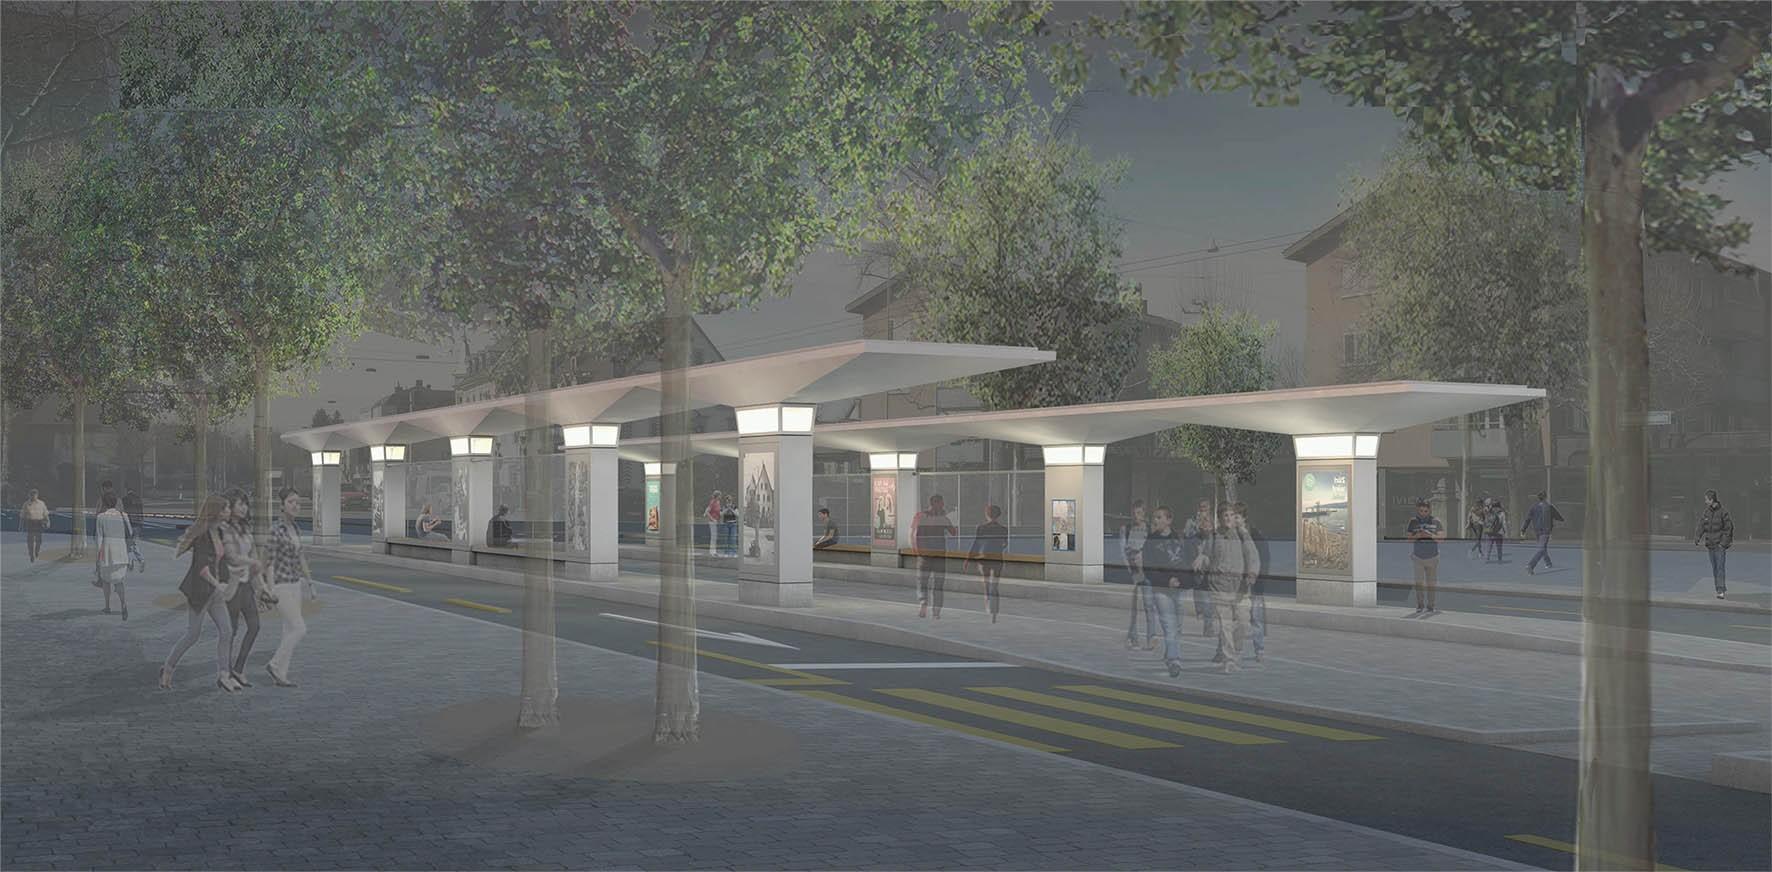 Visualisierung neue Tramhaltestelle Zehntenhausplatz in Zürich-Affoltern bei Nacht